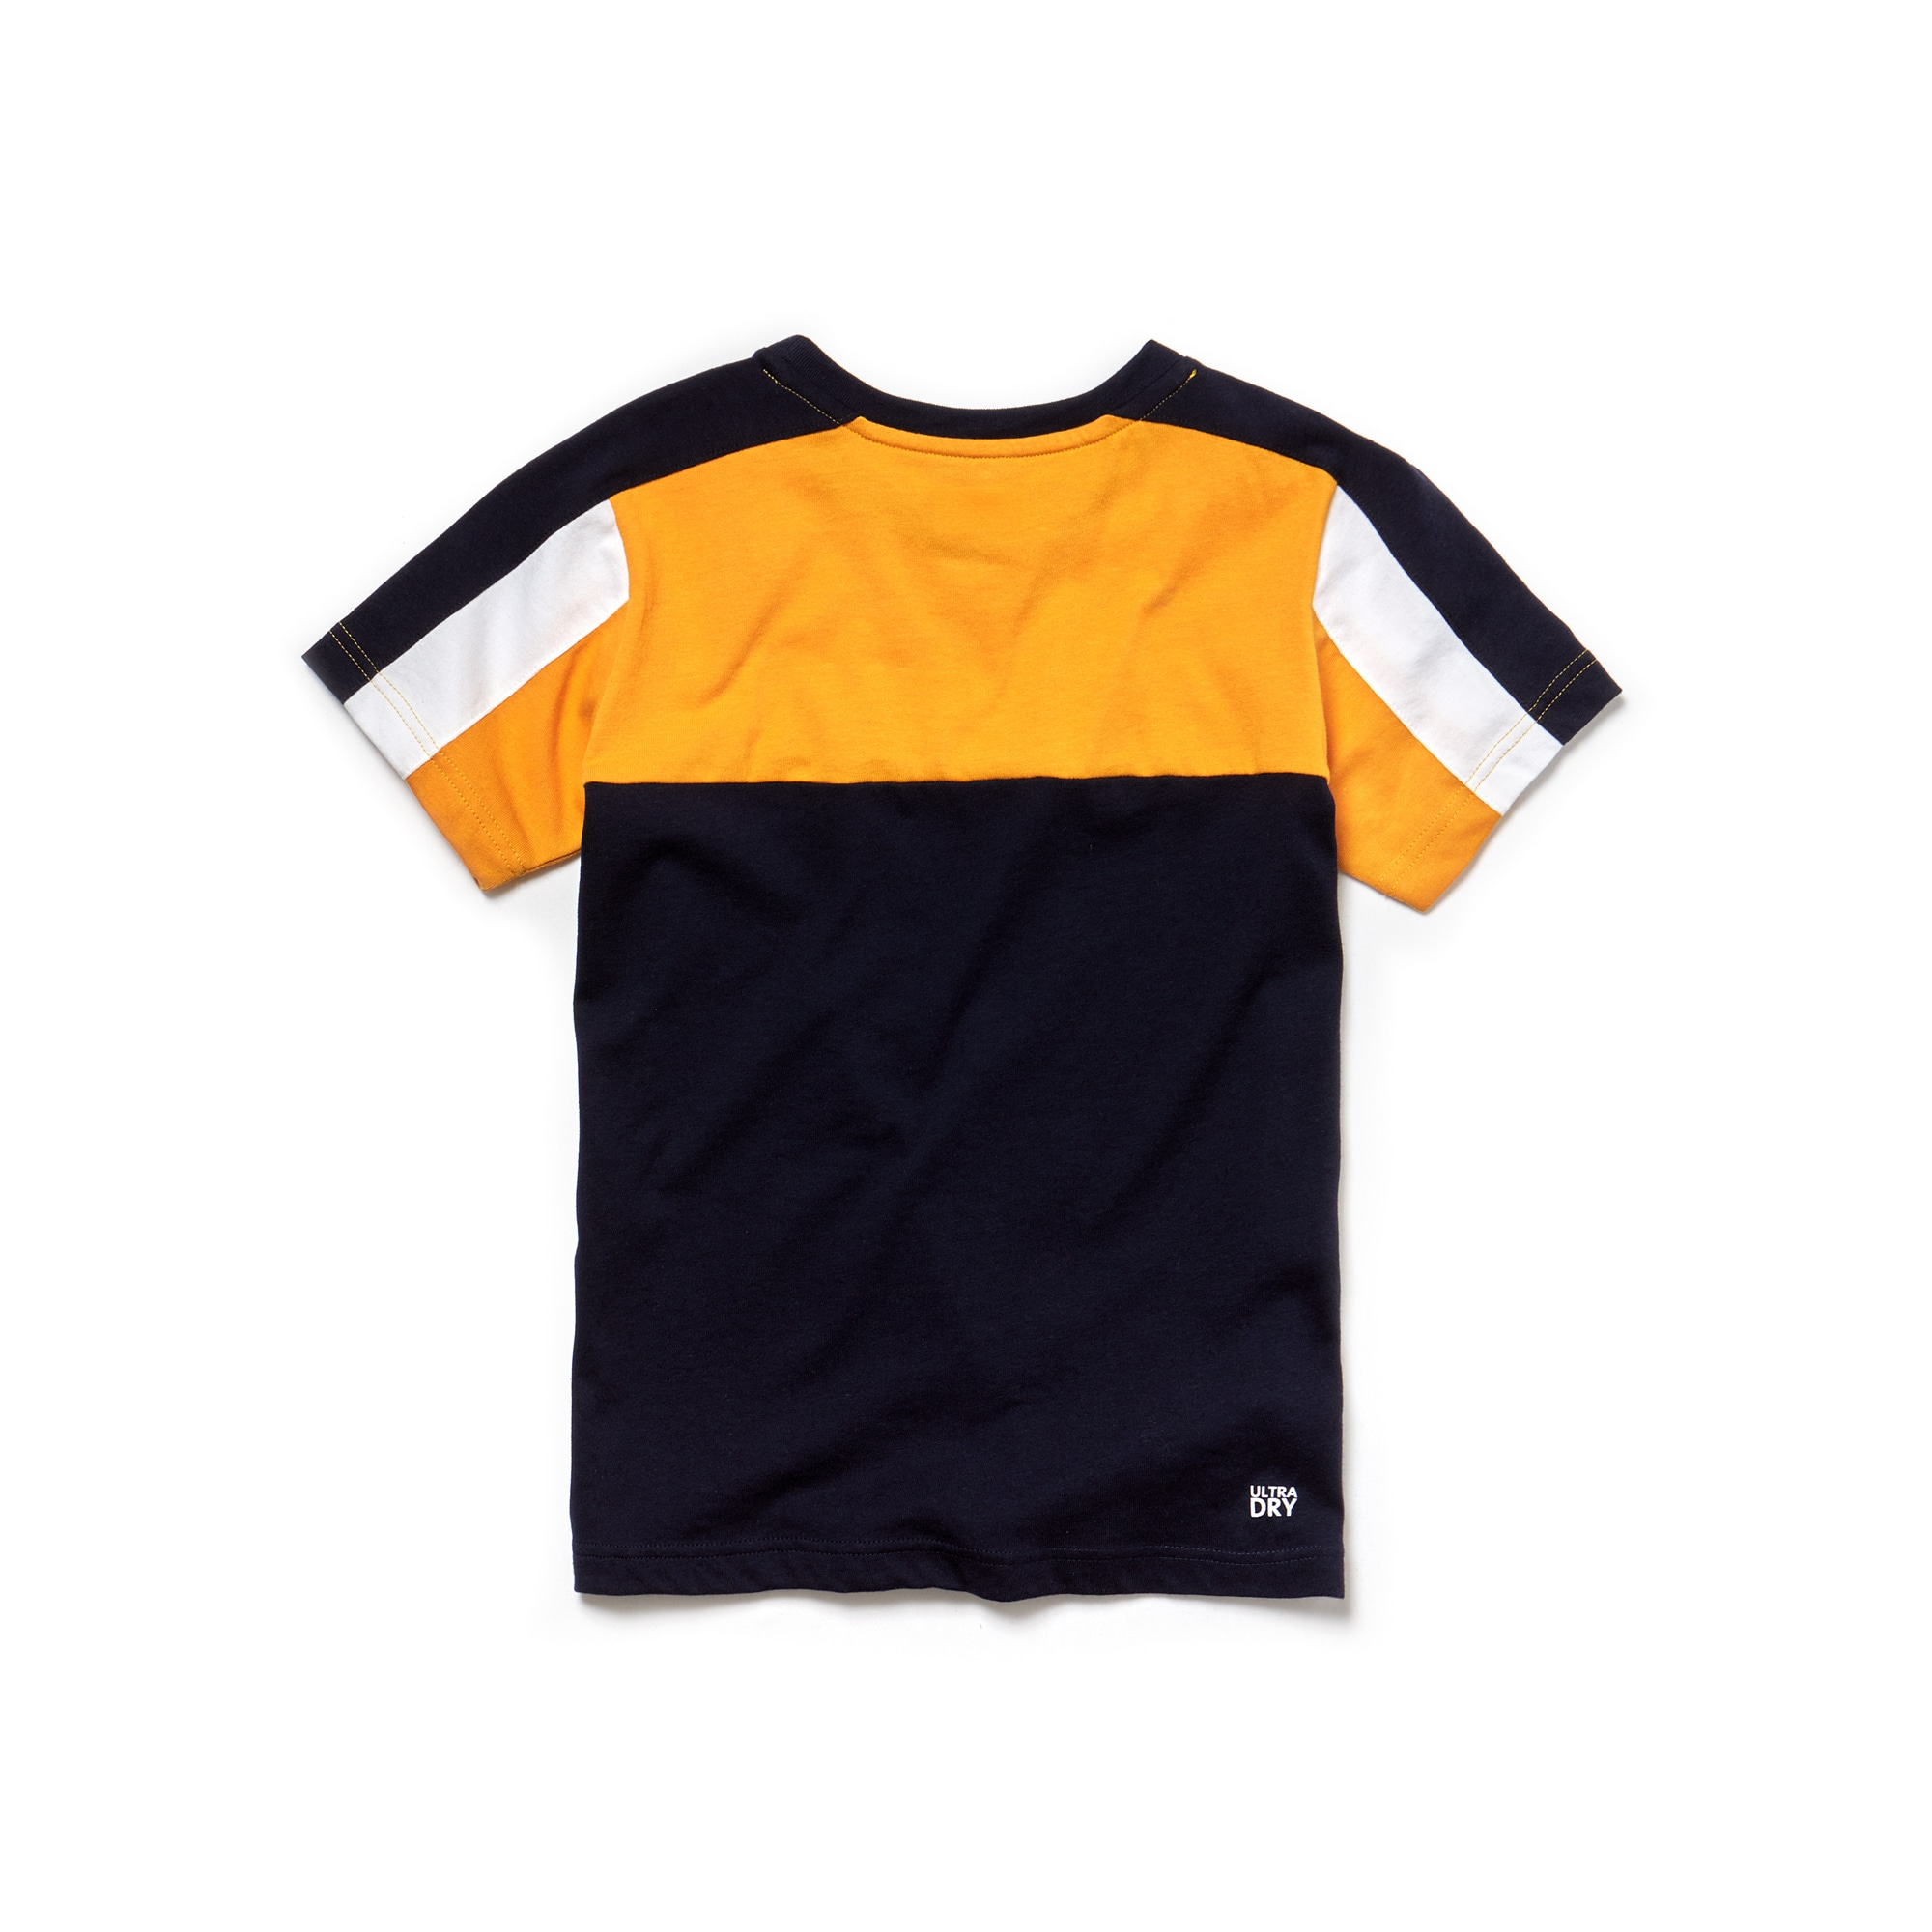 Lacoste - Camiseta De Niño Lacoste SPORT Tennis En Tejido De Punto Con Color Block Y Cuello Redondo - 2